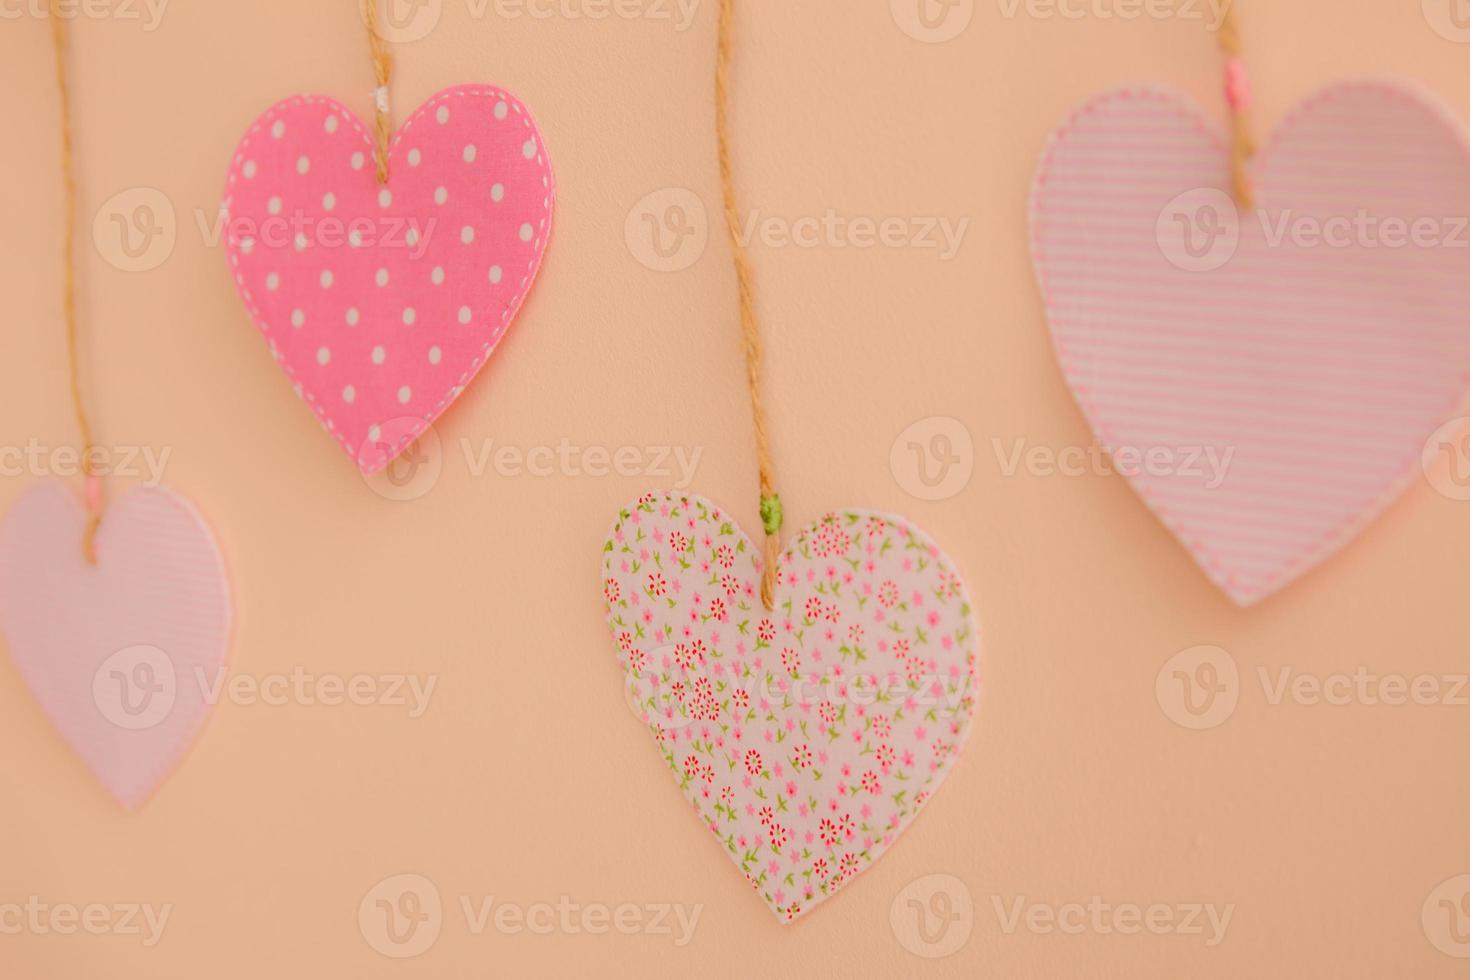 hjärtformade tyglappar som hänger på väggen foto